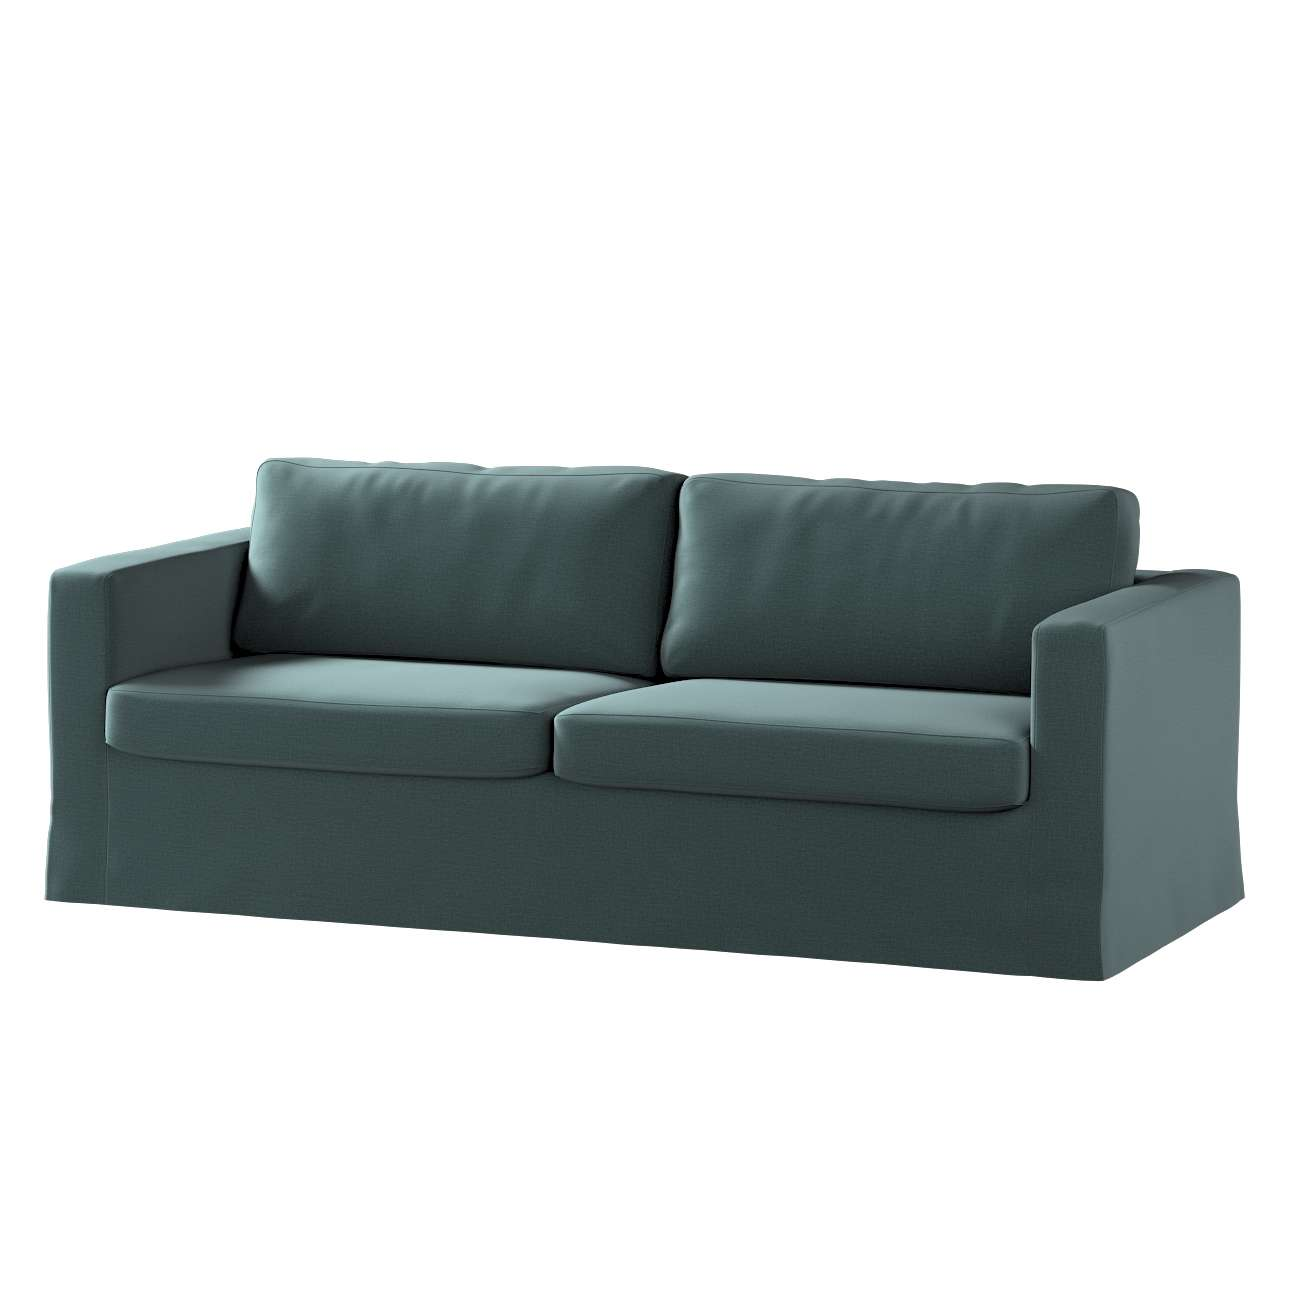 Pokrowiec na sofę Karlstad 3-osobową nierozkładaną, długi w kolekcji Ingrid, tkanina: 705-36